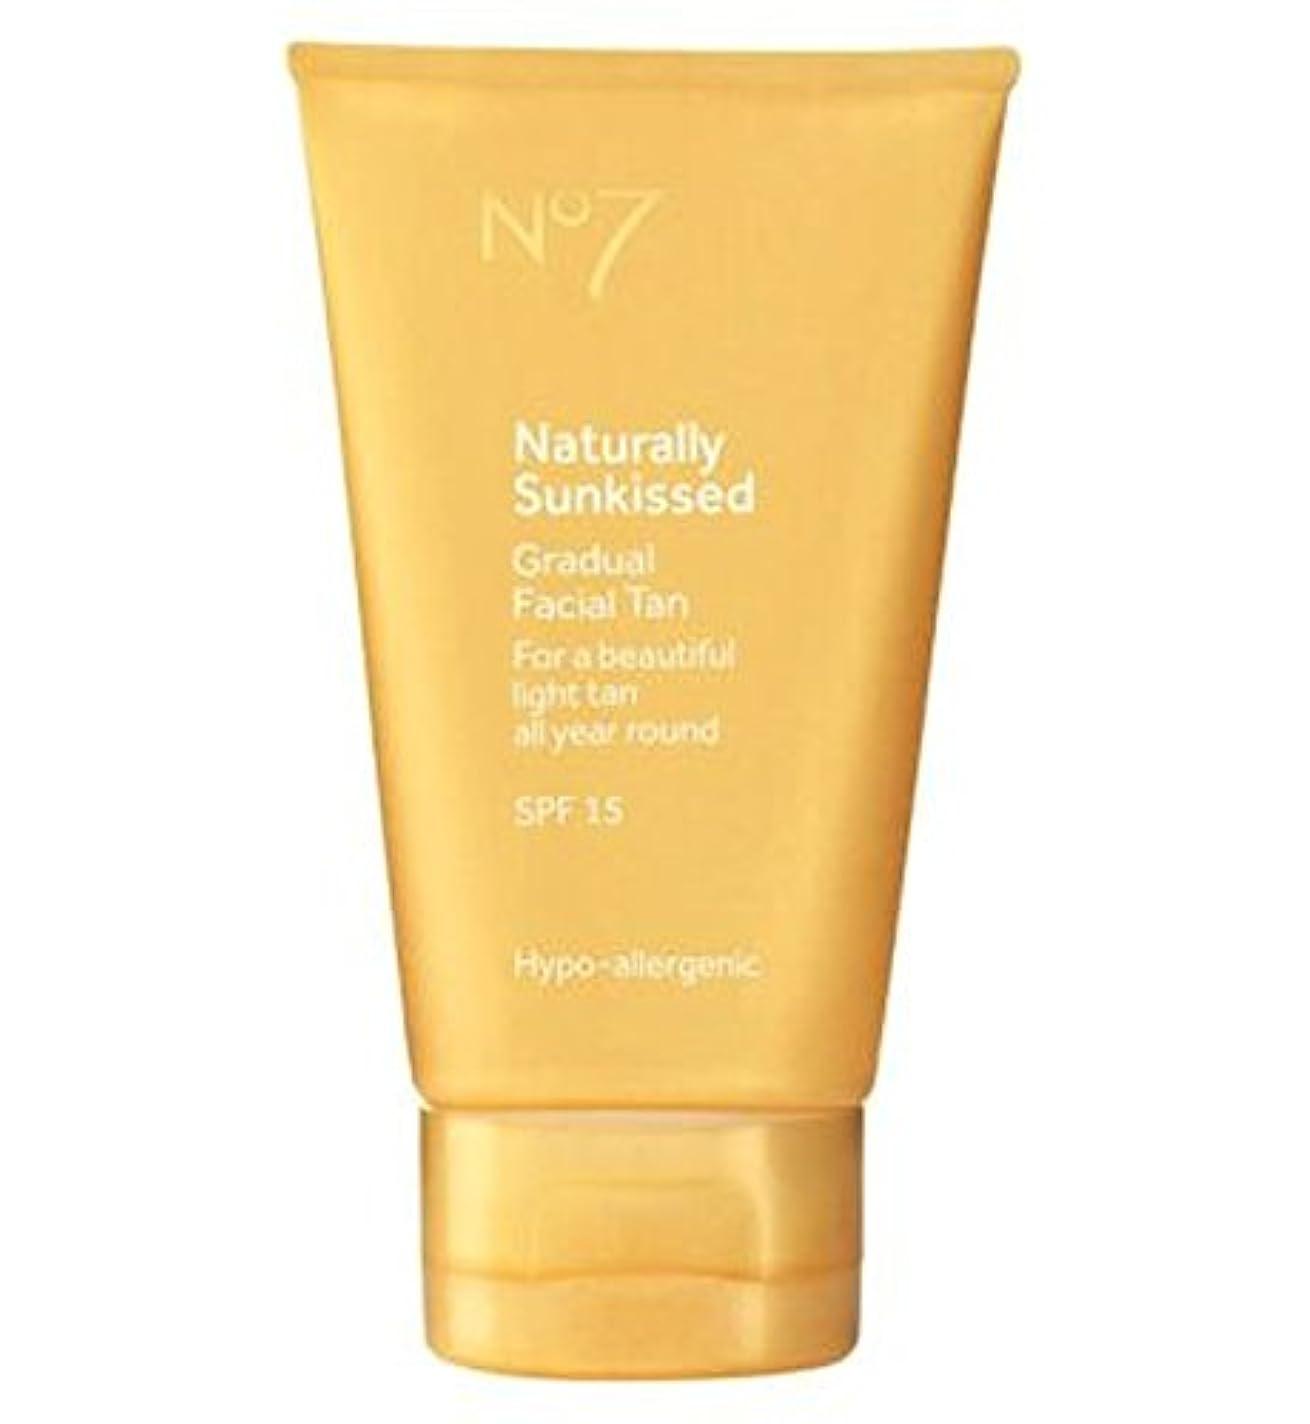 高潔な葉ストレスNo7 Naturally Sun Kissed Gradual Face Tan SP15 - No7は自然に太陽が緩やかな顔日焼けSp15にキスをしました (No7) [並行輸入品]